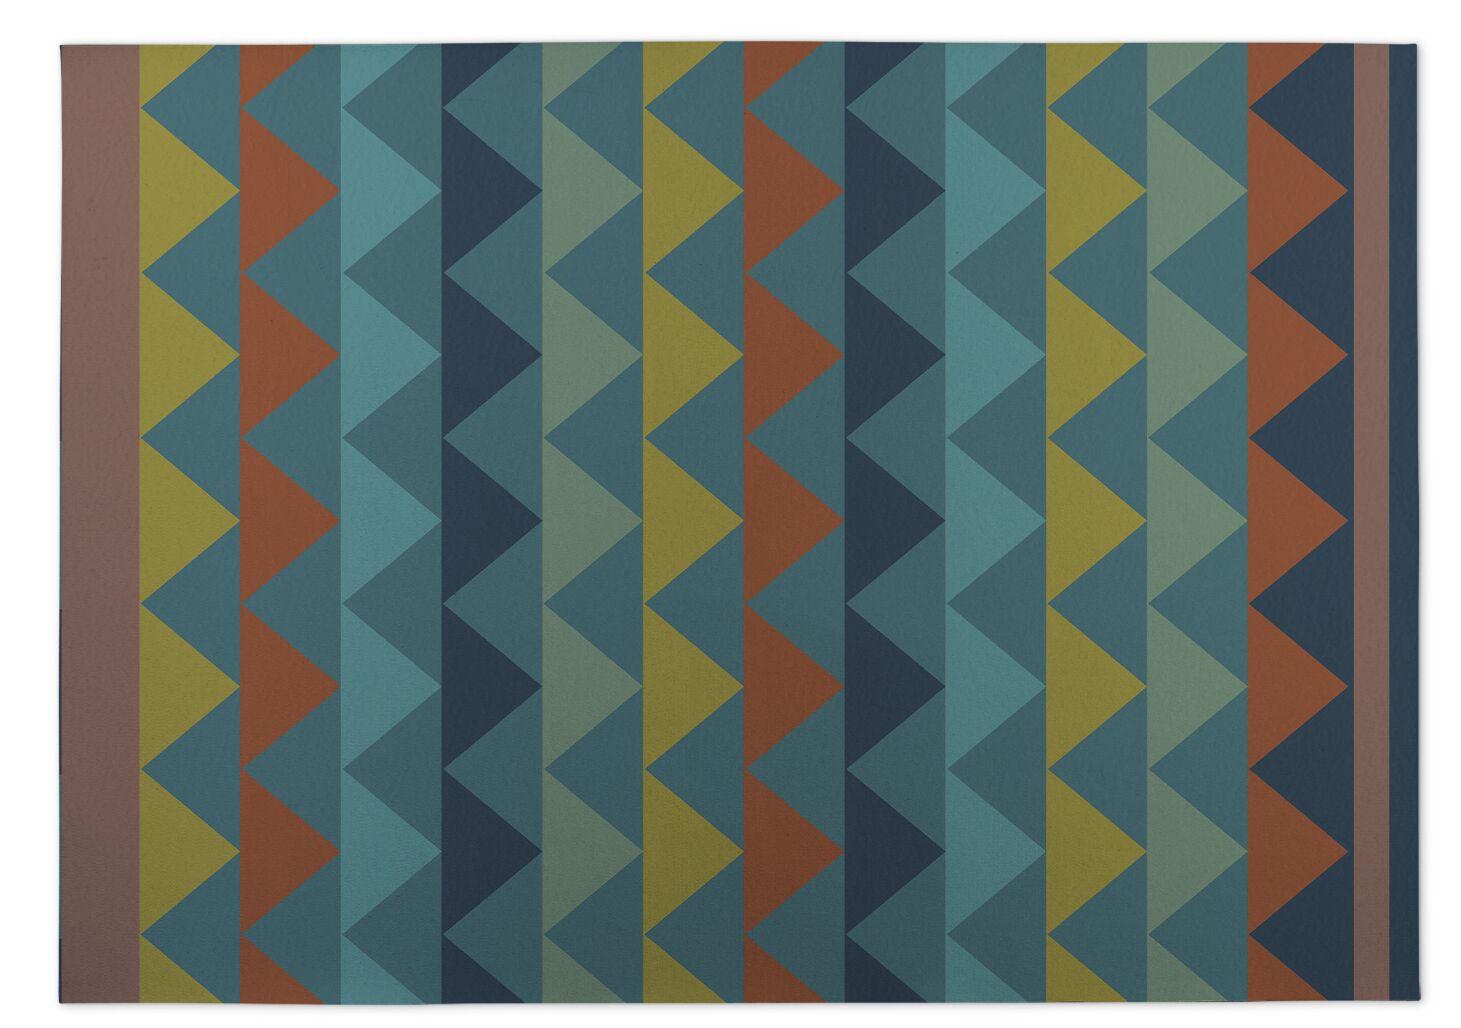 White Caps Orange/BlueYellow Indoor/Outdoor Doormat Mat Size: Rectangle 4' x 5'